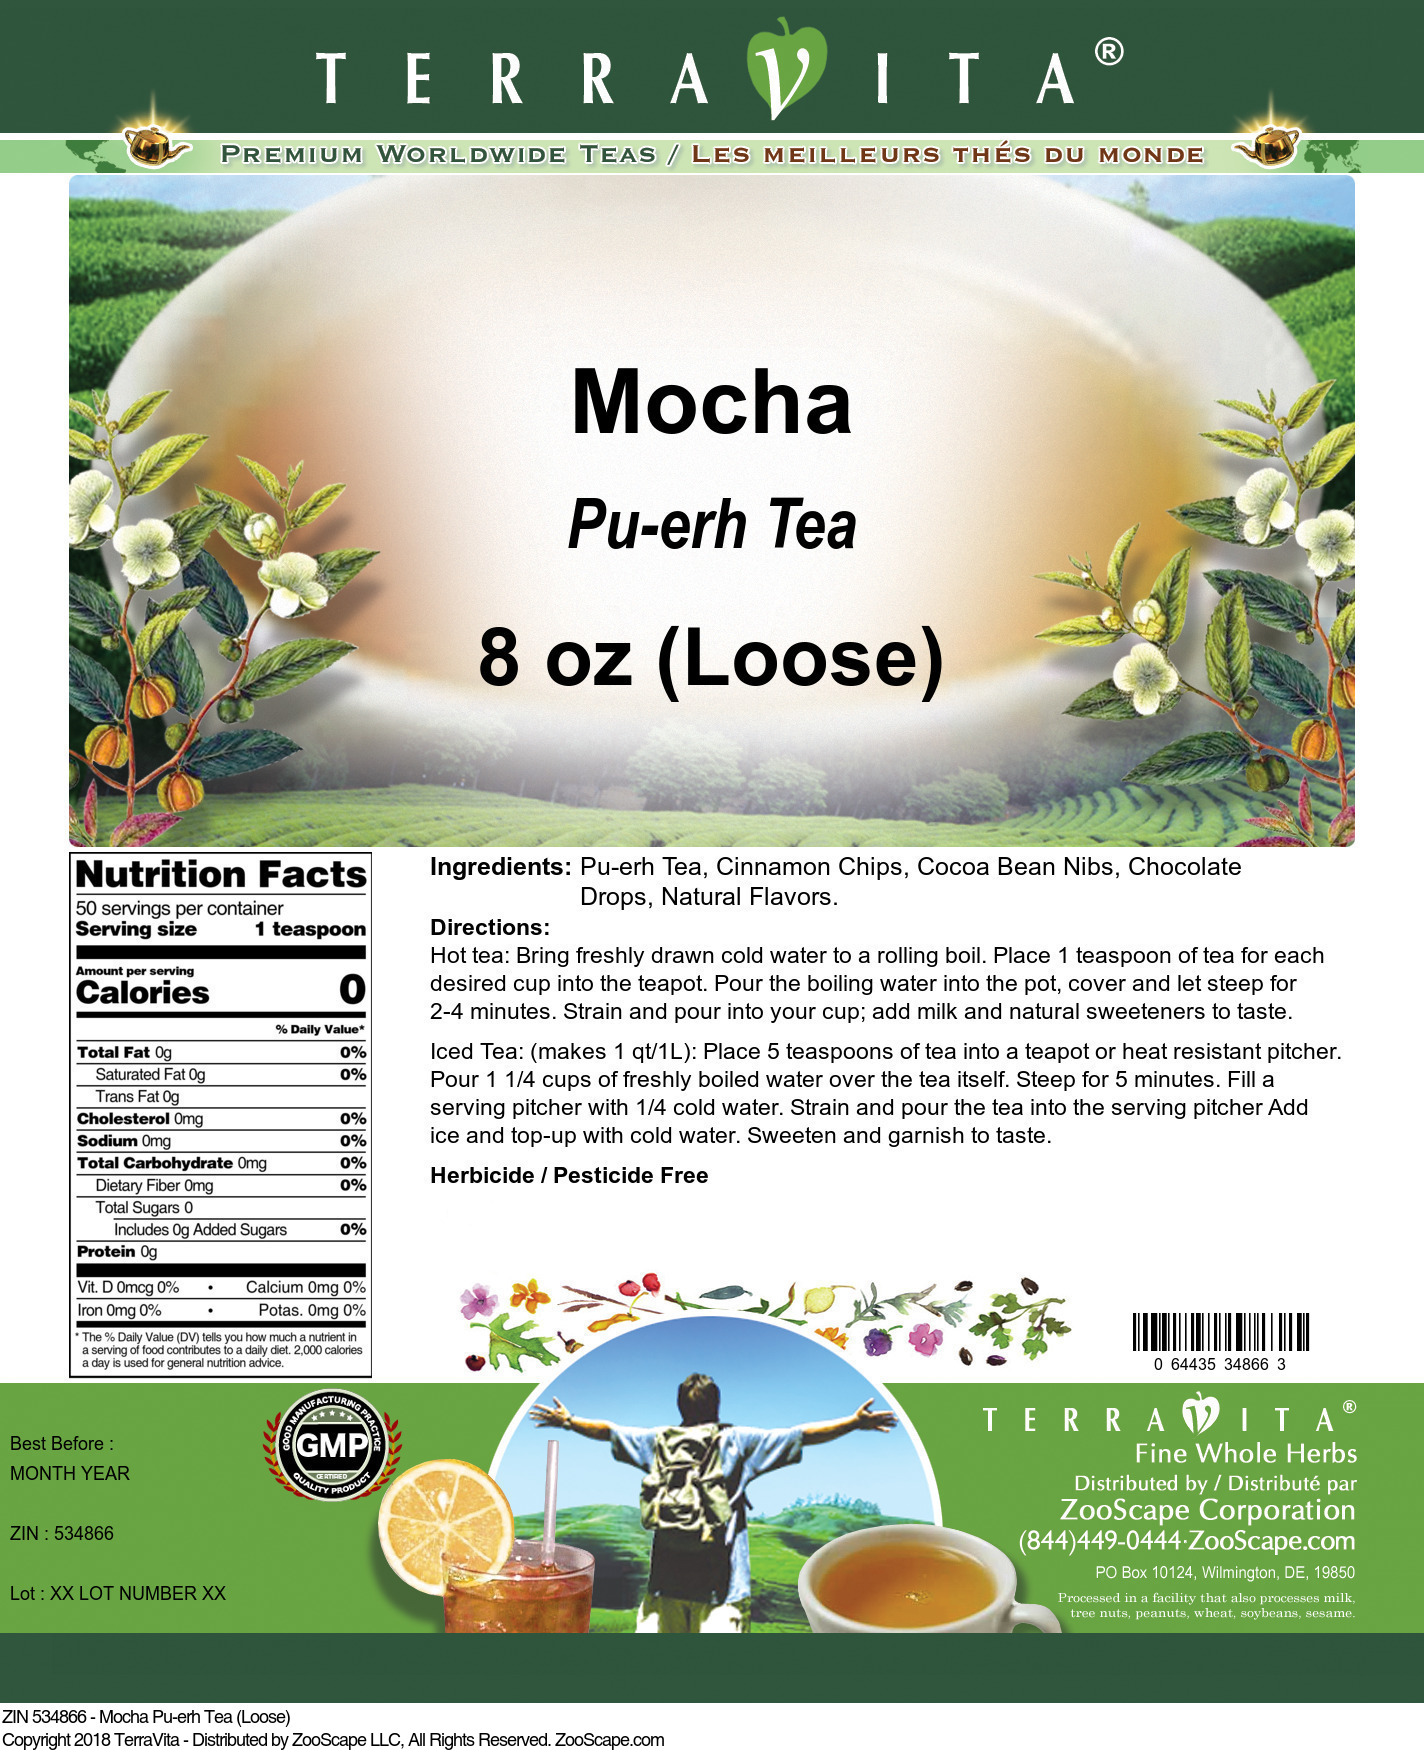 Mocha Pu-erh Tea (Loose)